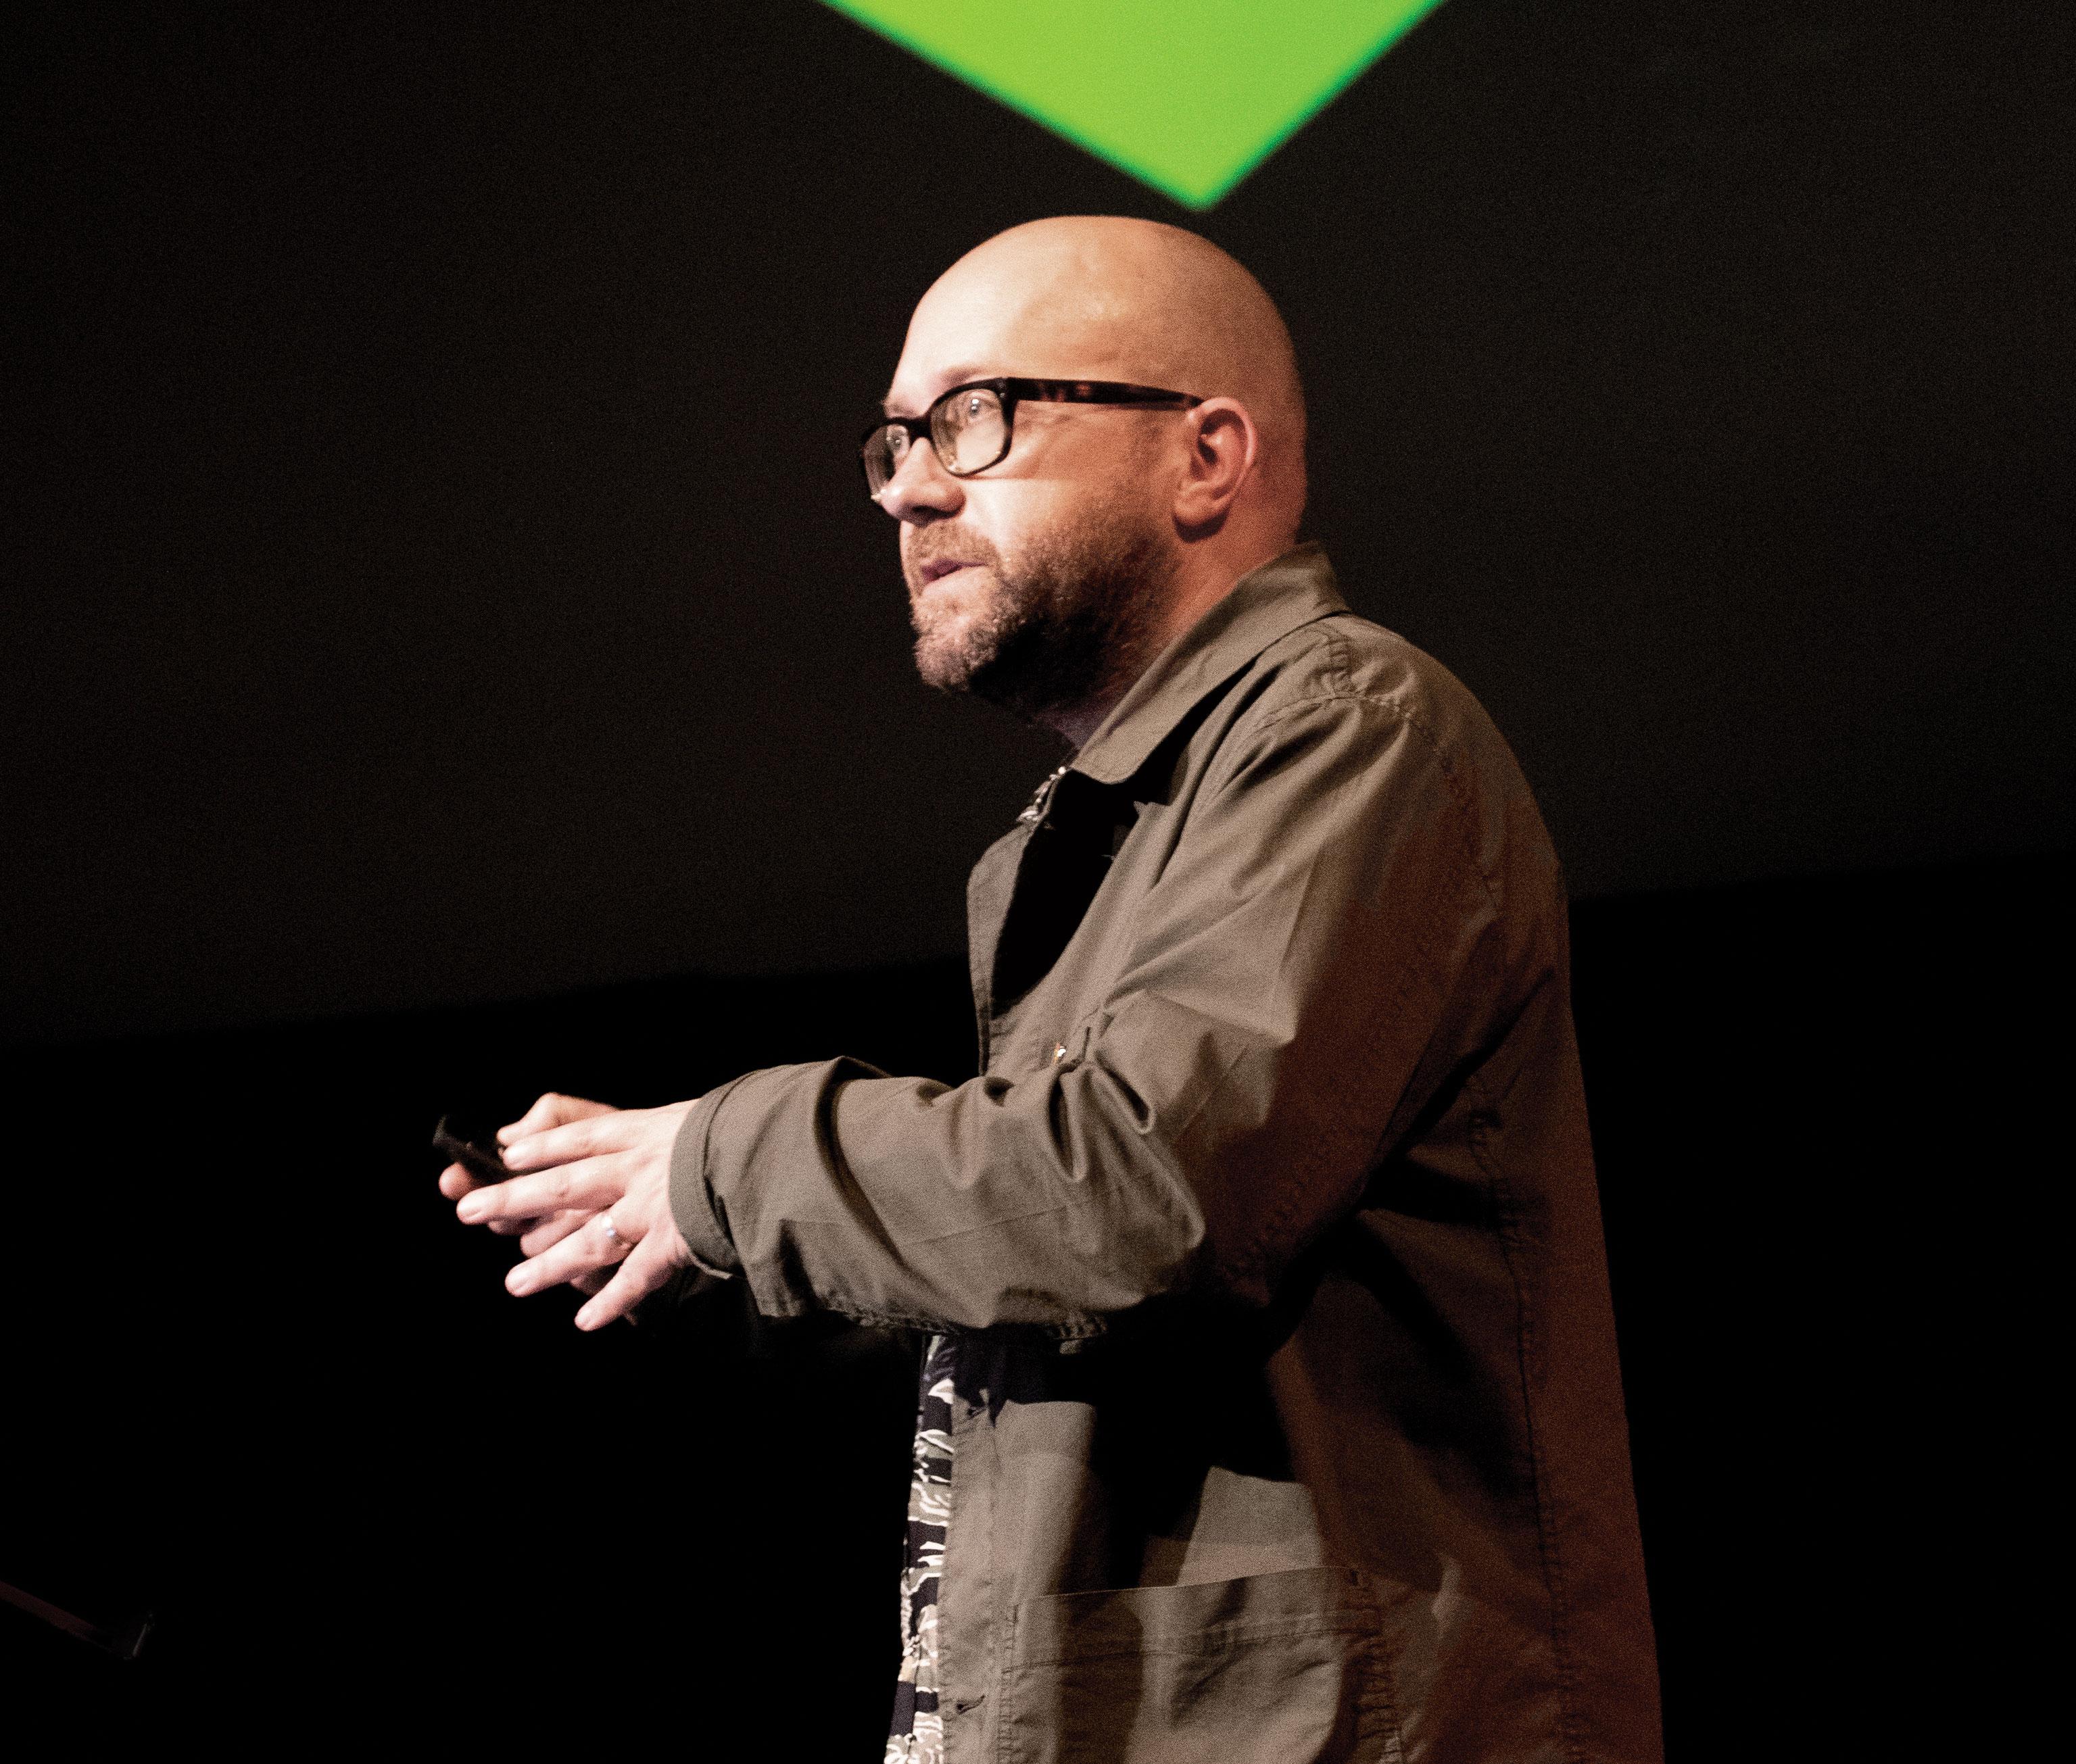 Matt Baxter speaking at a design event